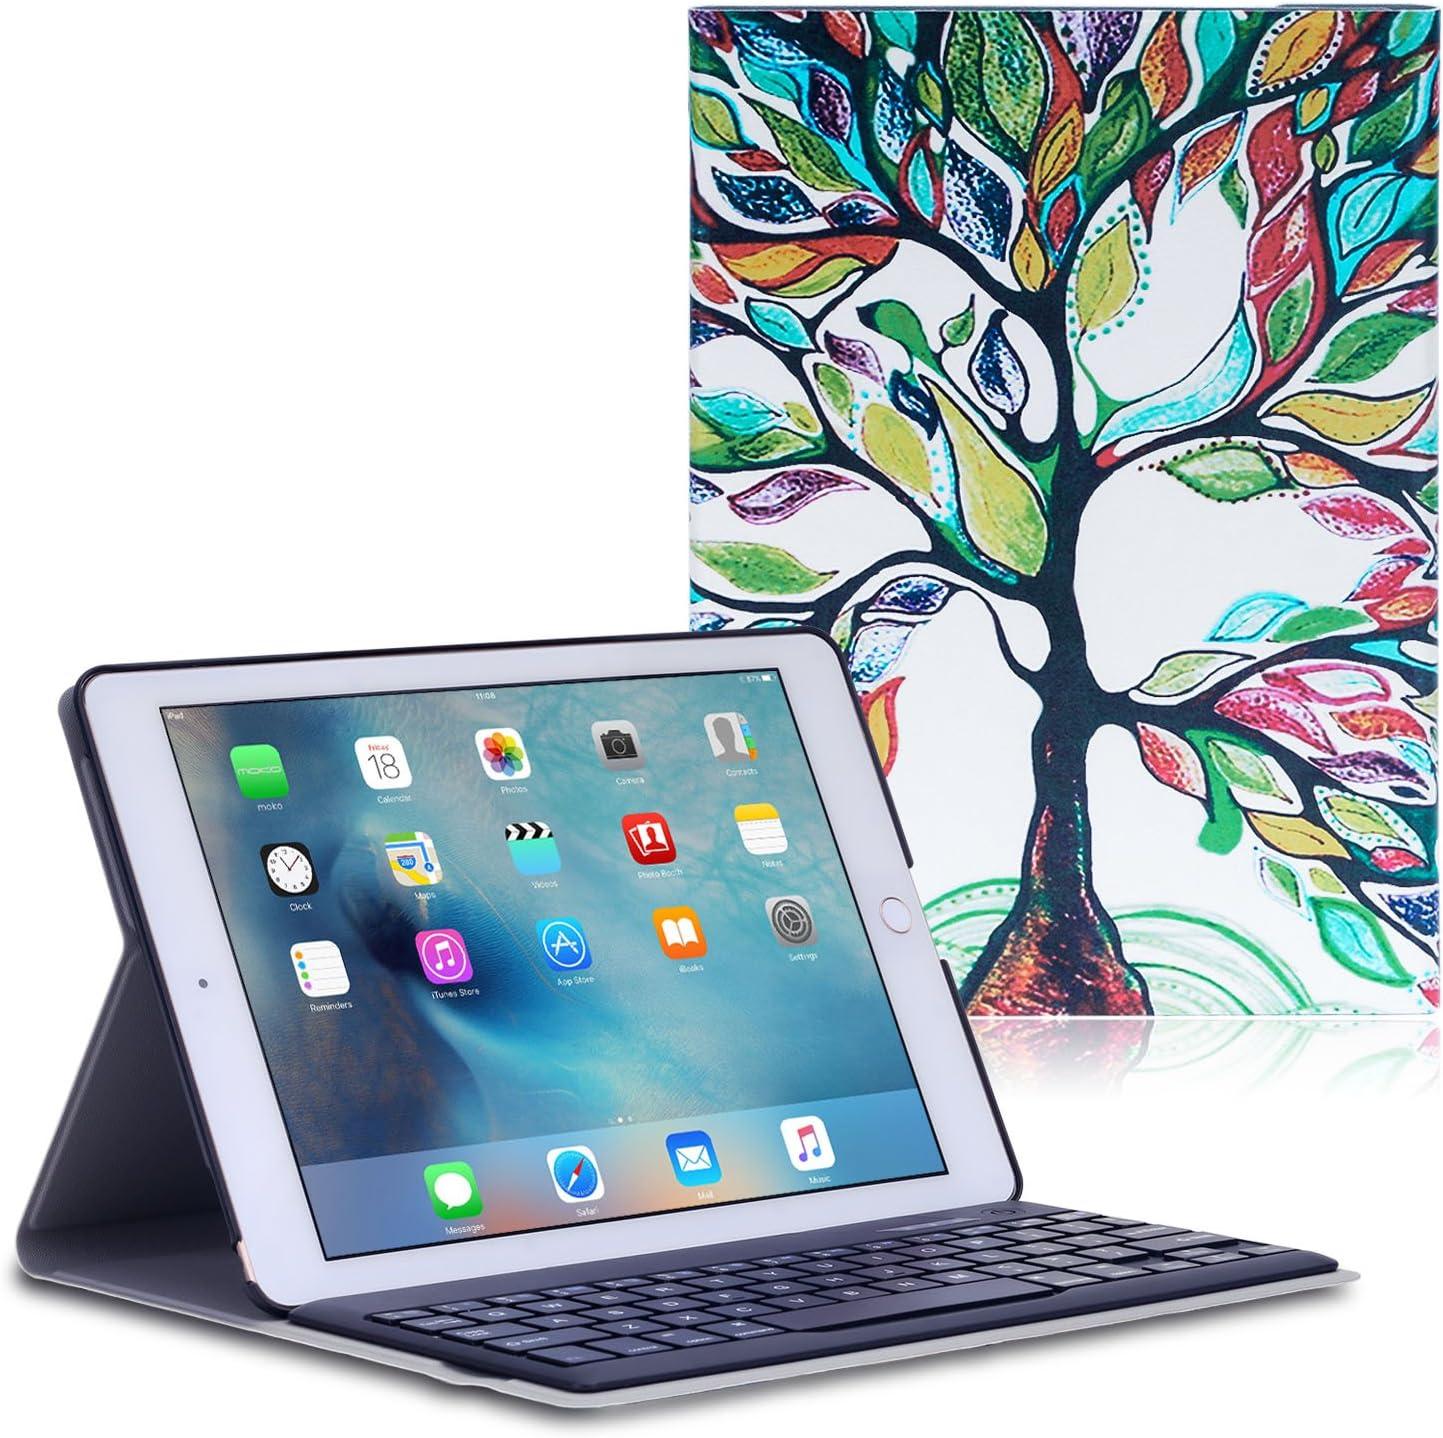 MoKo iPad Pro 9.7 Funda - Wireless Bluetooth Keyboard Case con PU Cuero Teclado Inalánbrico QWERTY Layout para Apple iPad Pro 9.7 Pulgadas 2016 Tableta, Álbo de la Suerte